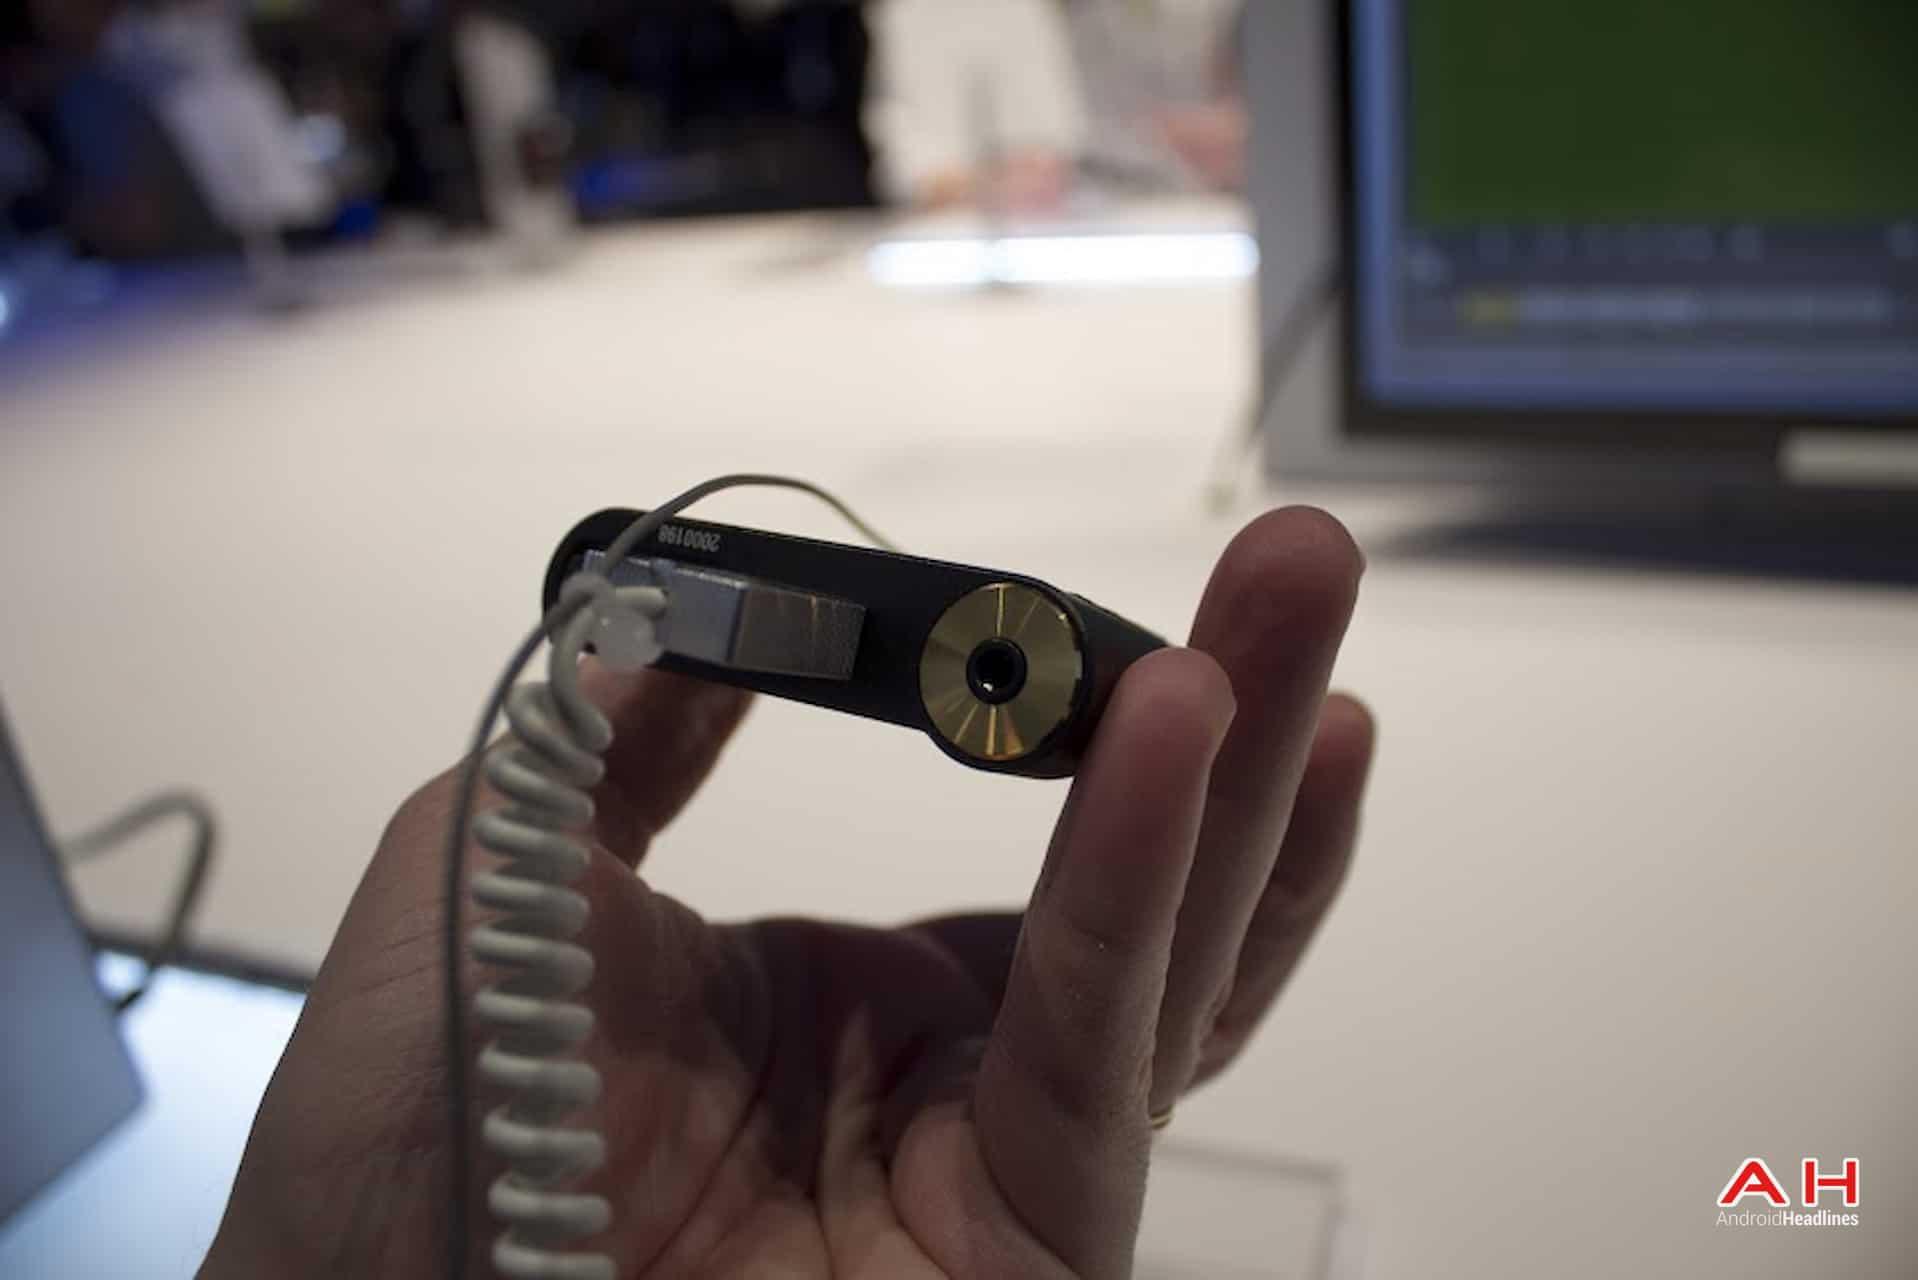 AH Sony Walkman ZX2 4